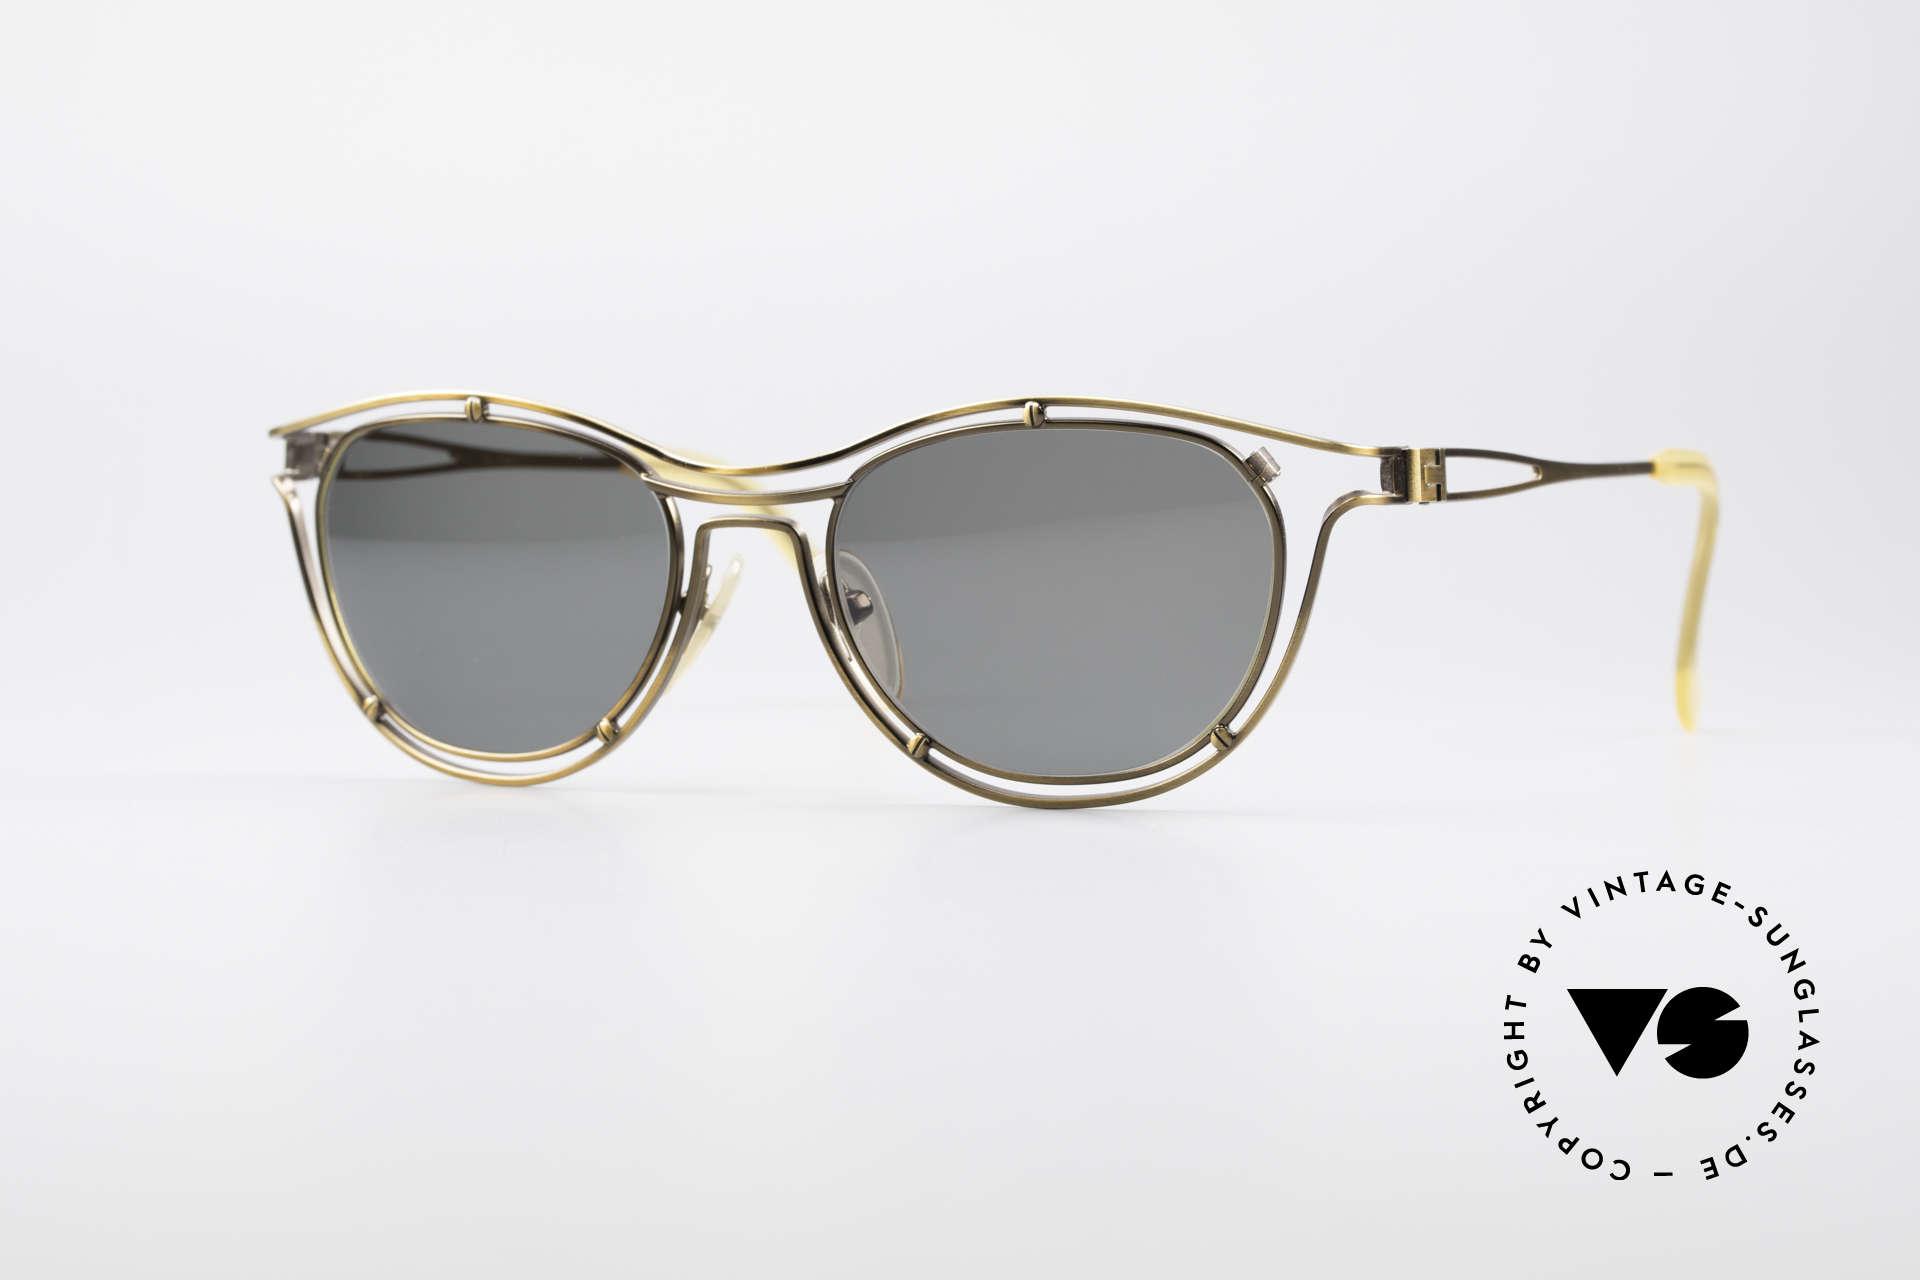 Jean Paul Gaultier 56-2176 90er Designer Sonnenbrille, spektakuläre Jean Paul GAULTIER Designer-Brille, Passend für Herren und Damen